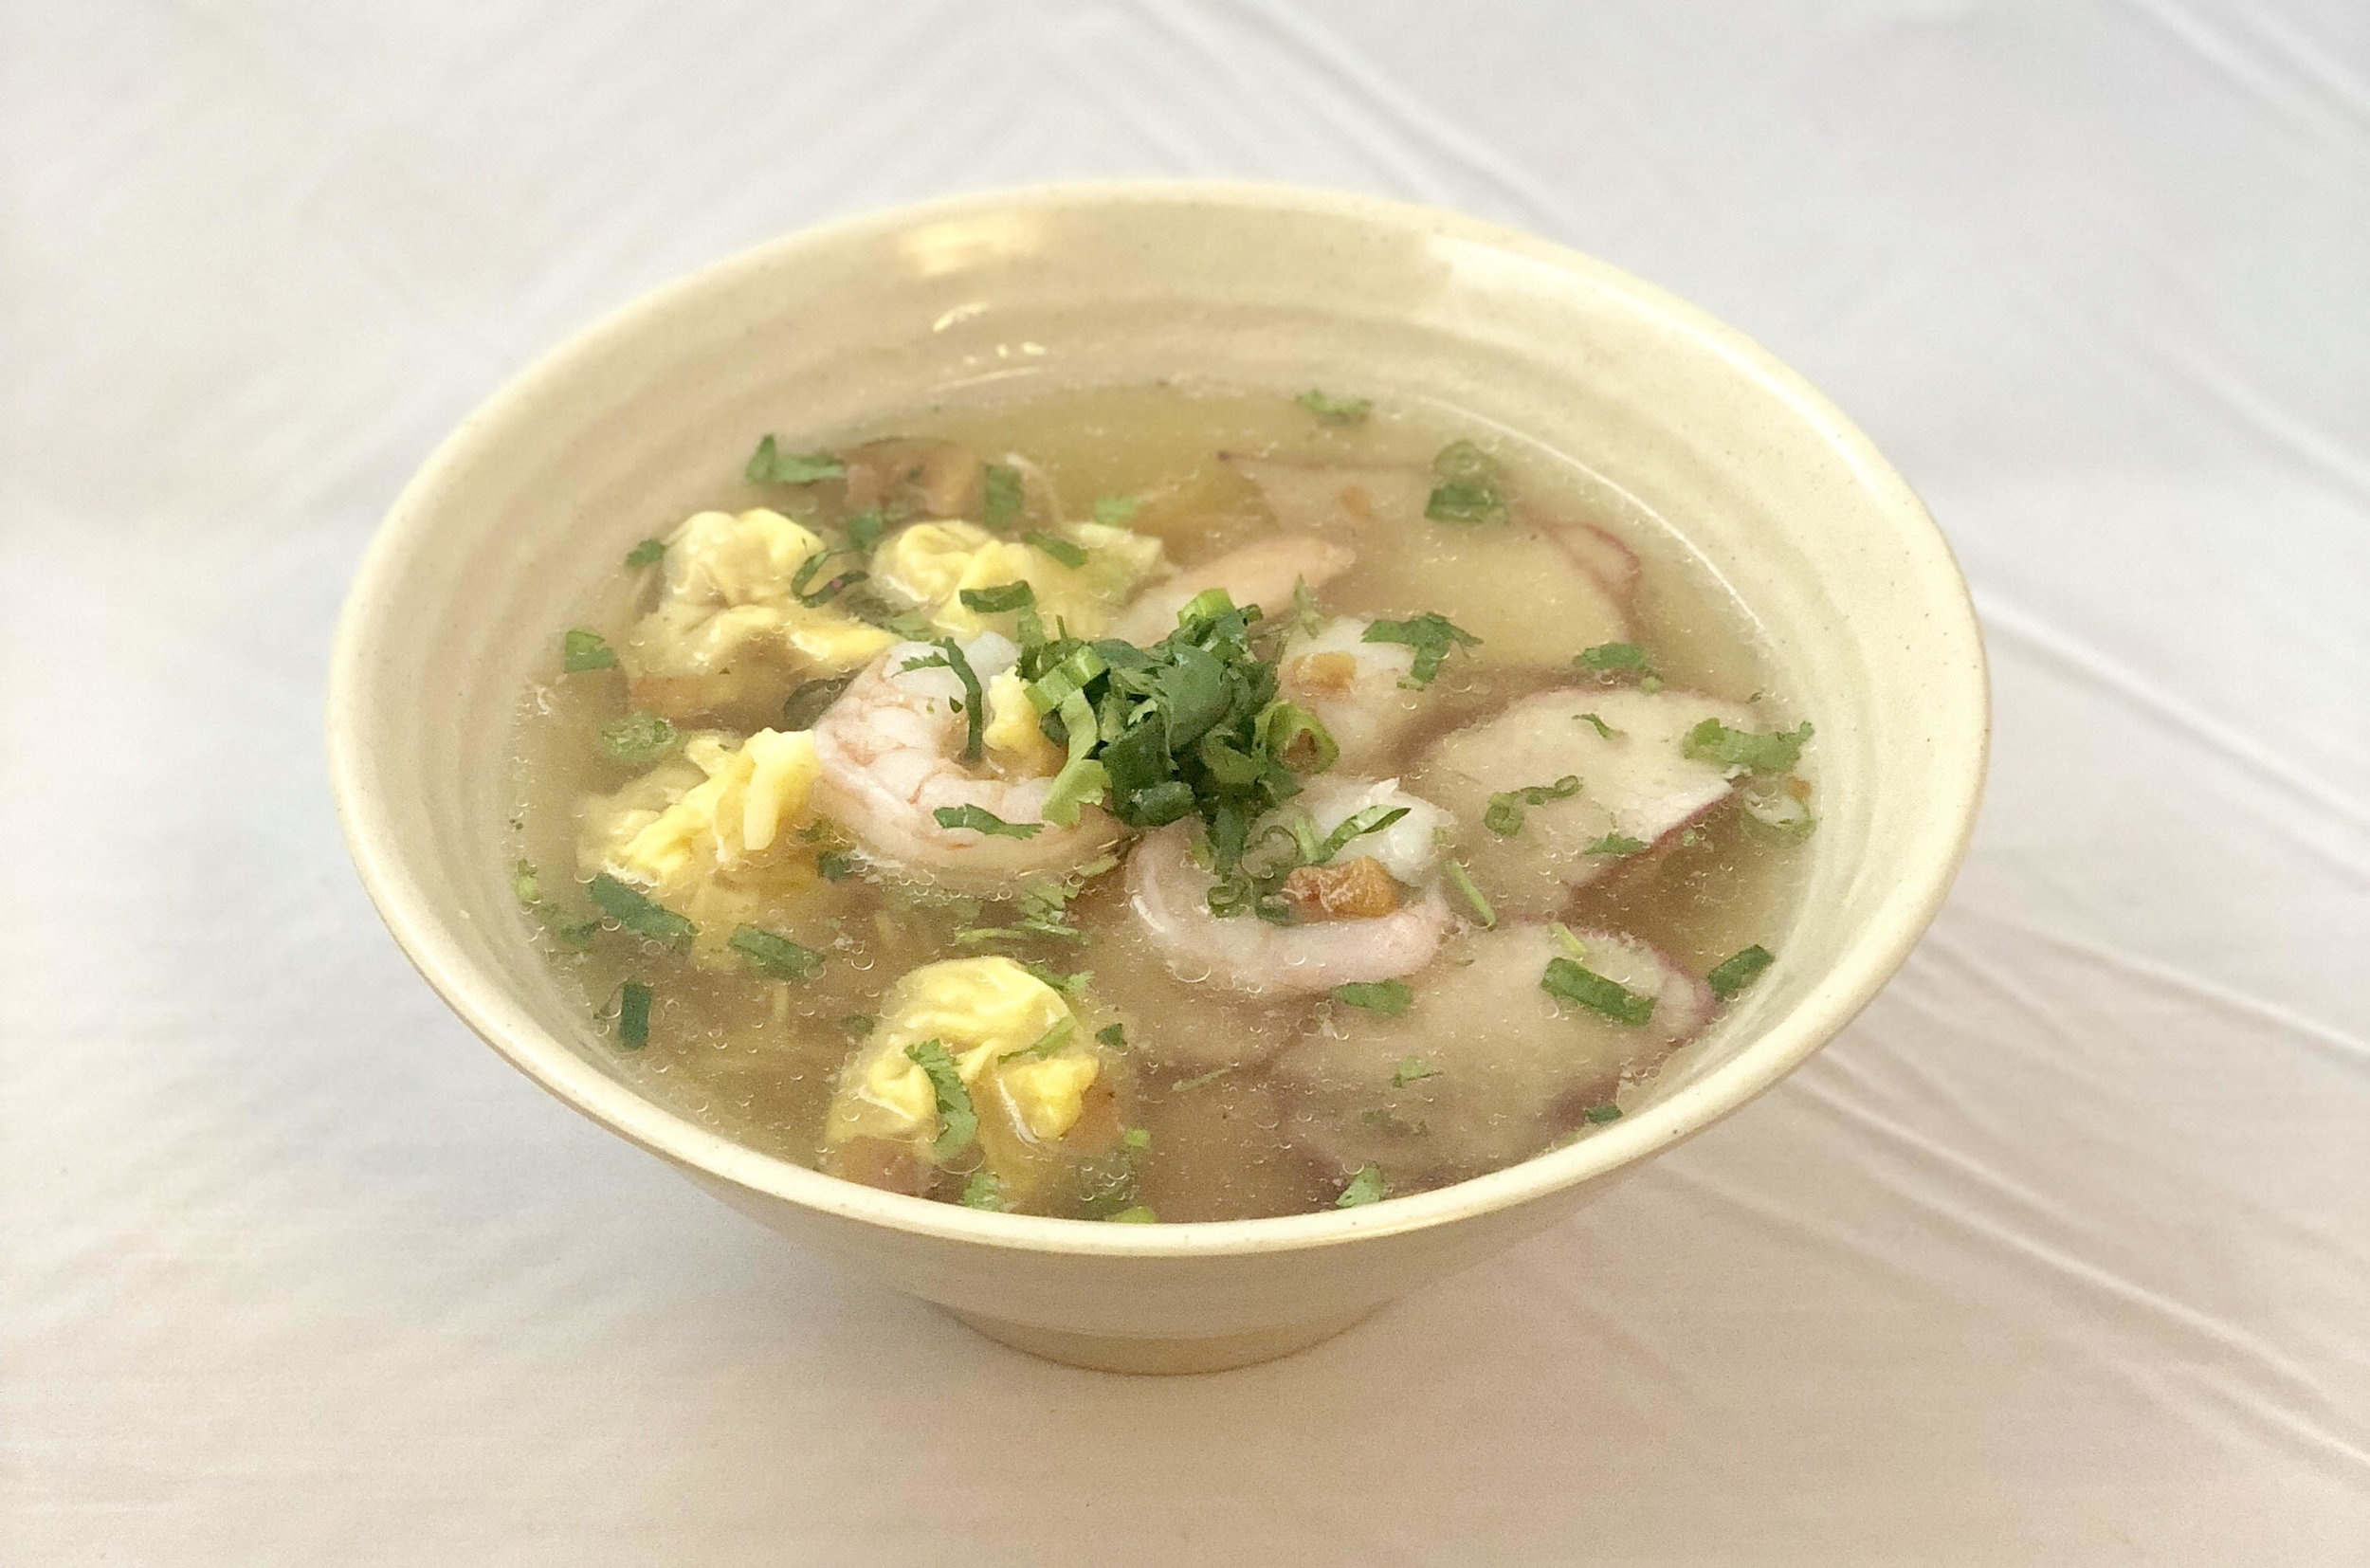 House Special Wonton Noodle Soup (Old menu 2017)